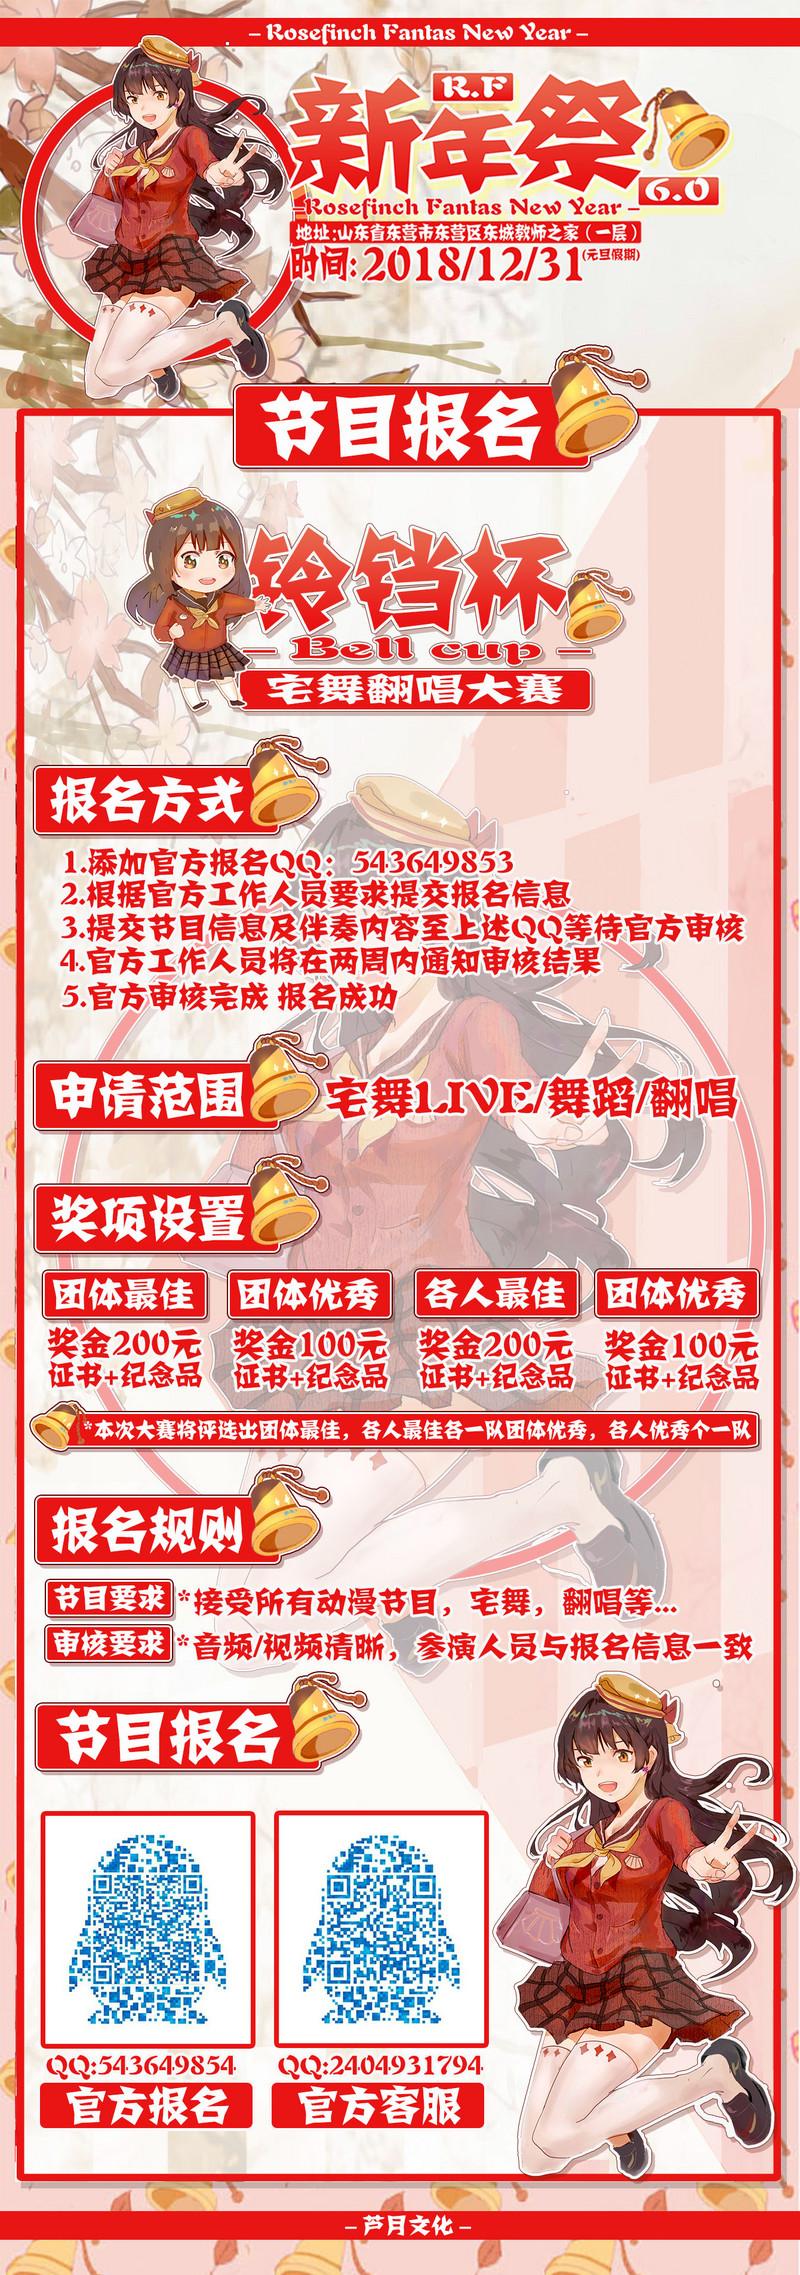 【二宣】RF新年祭6.0(つb′?`)-C3动漫网